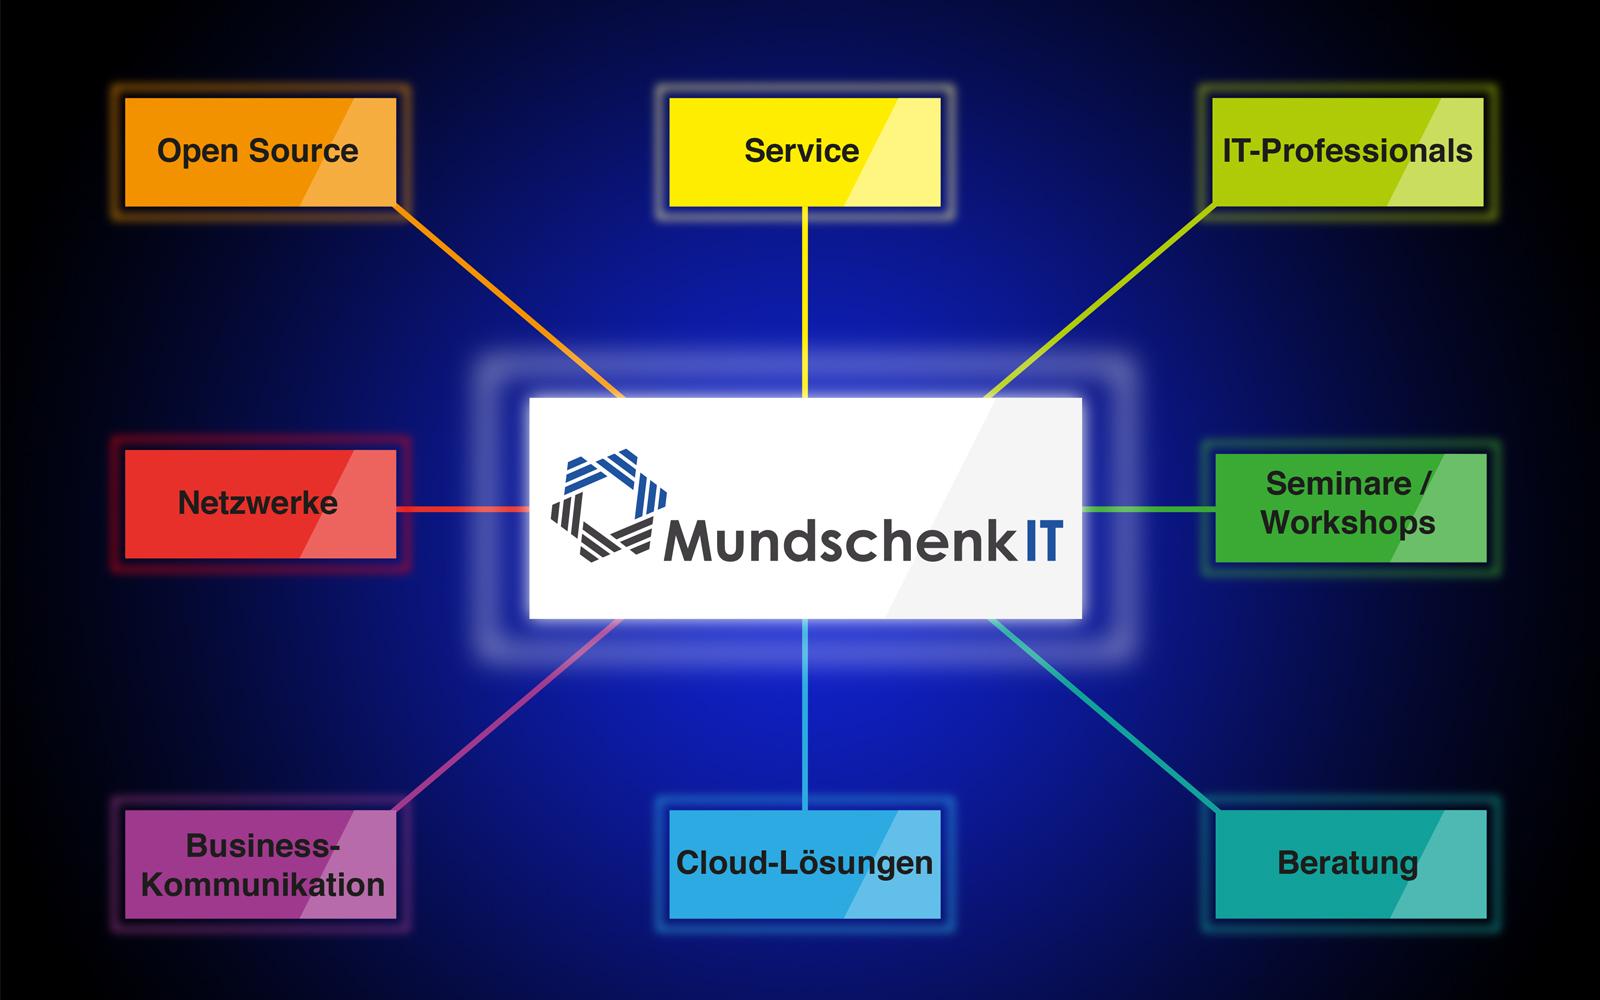 bzb_web_mundschenk_it_1000x1600.jpg